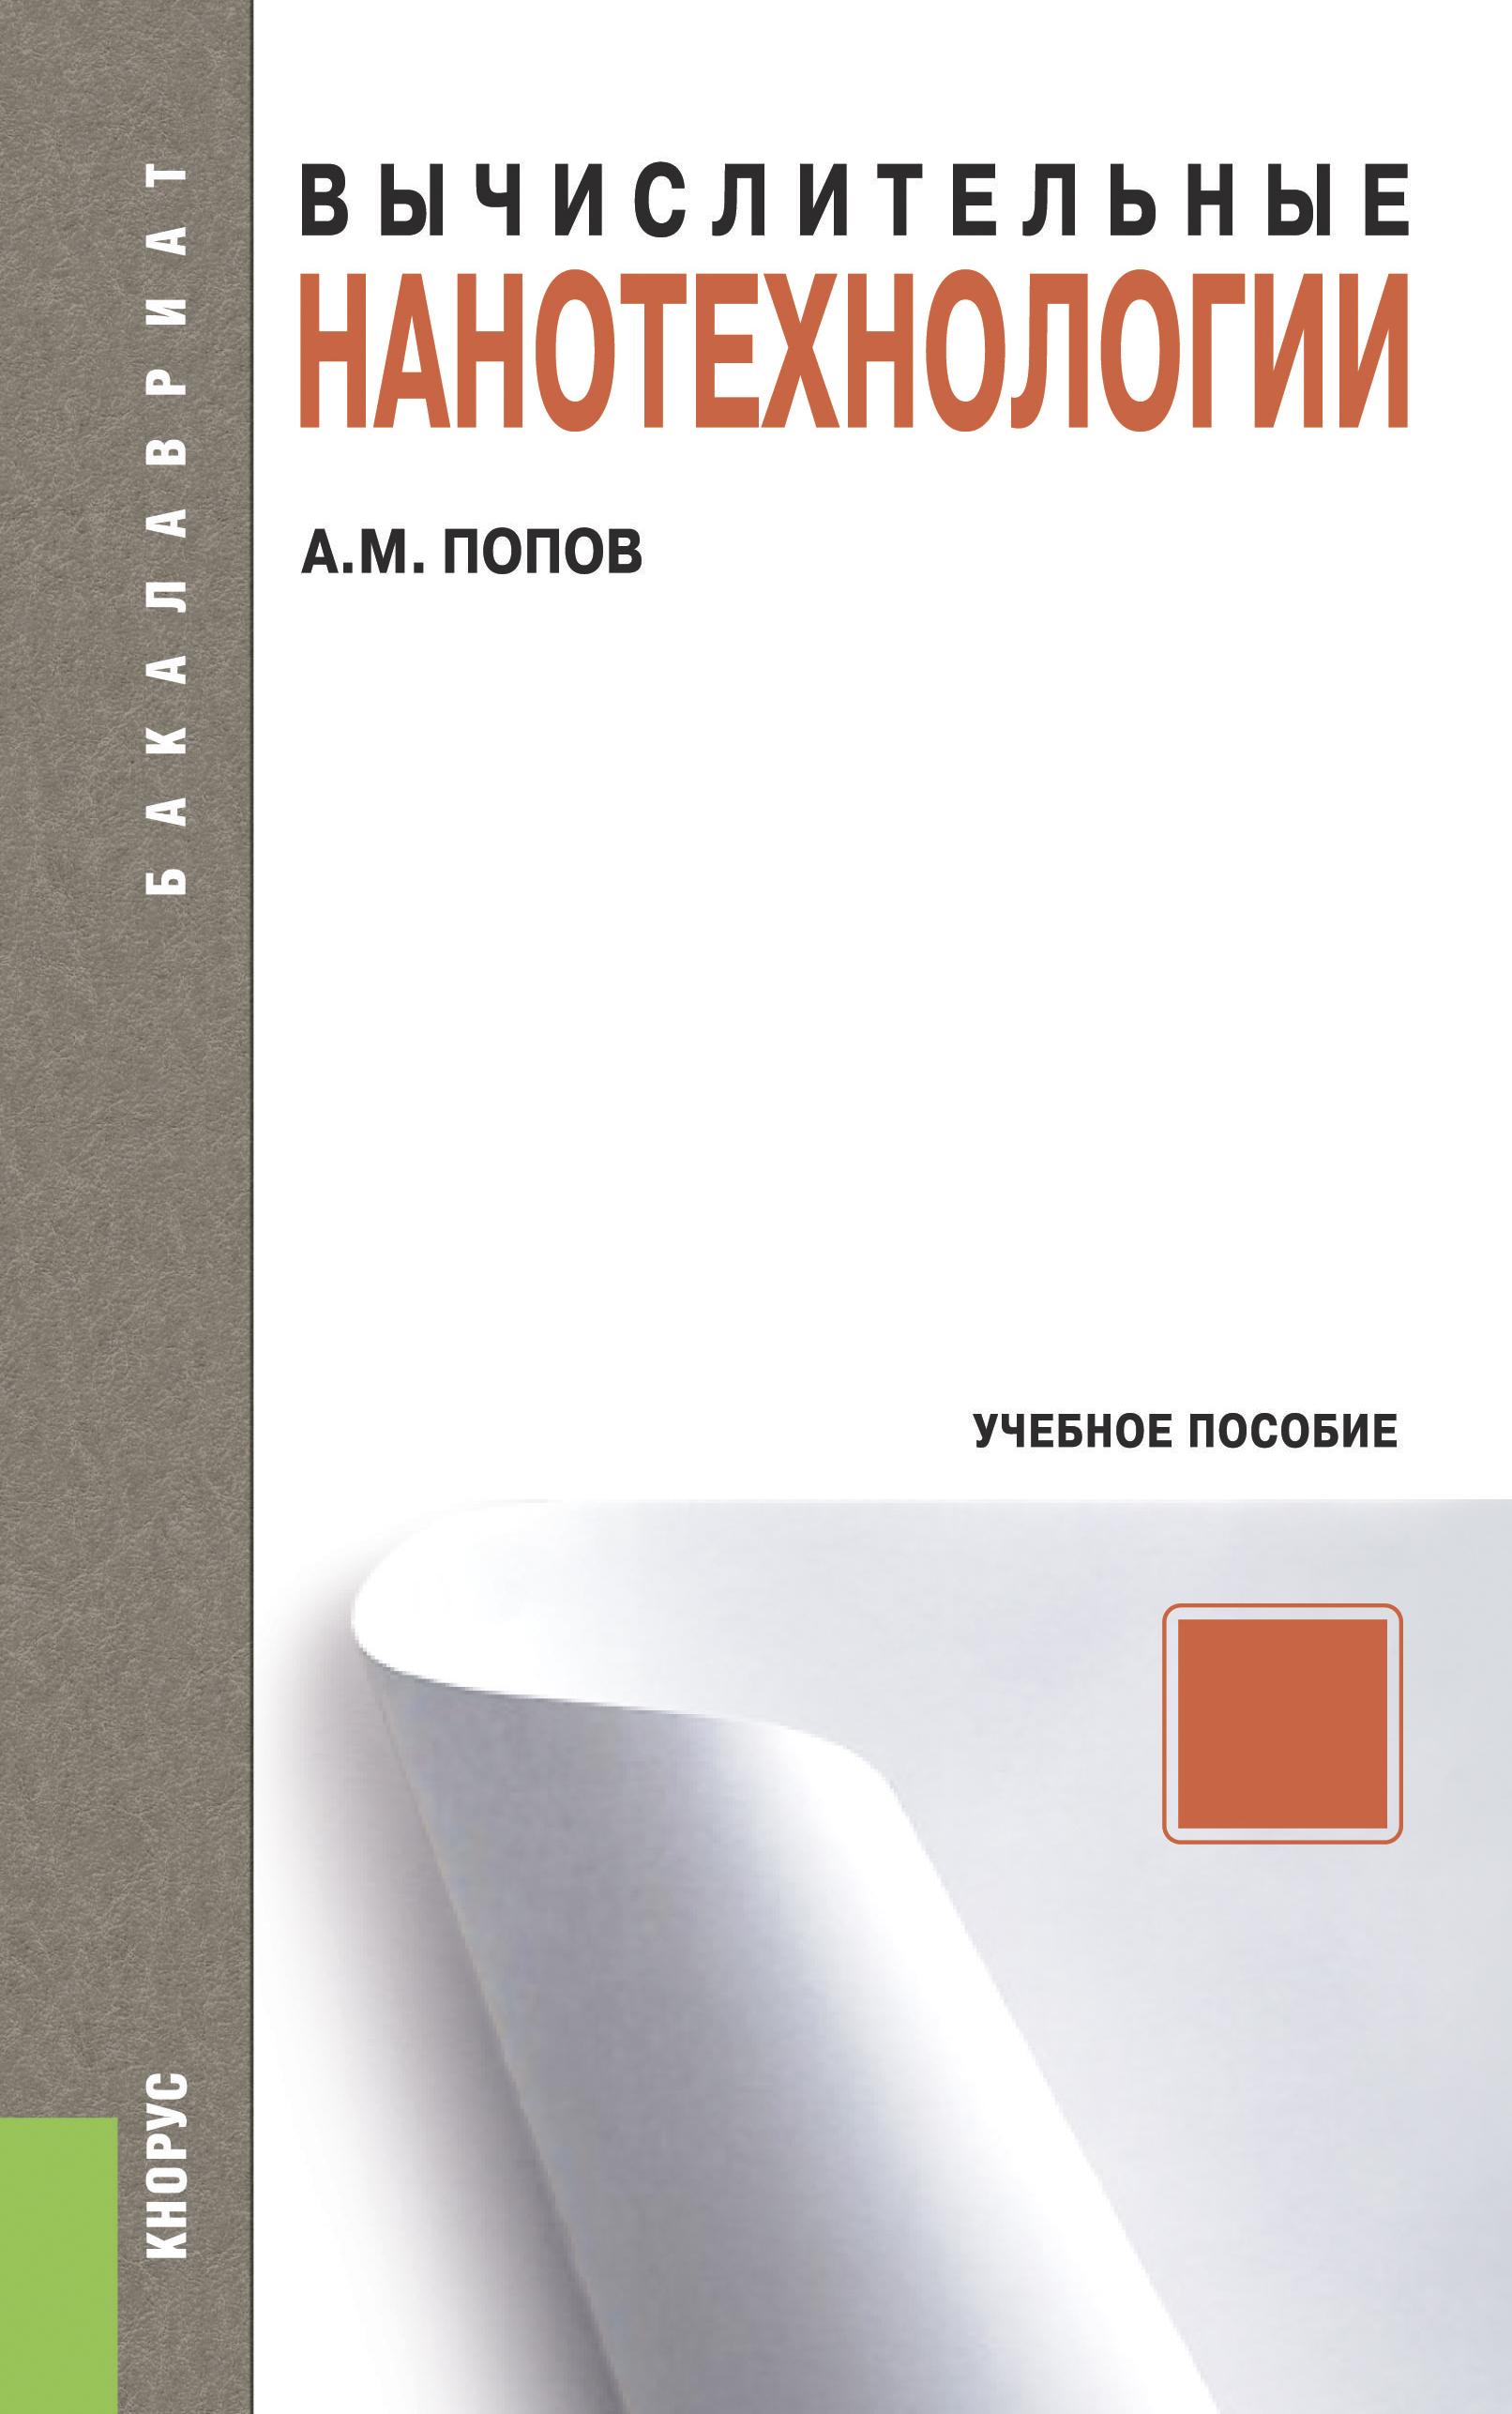 Александр Михайлович Попов Вычислительные нанотехнологии